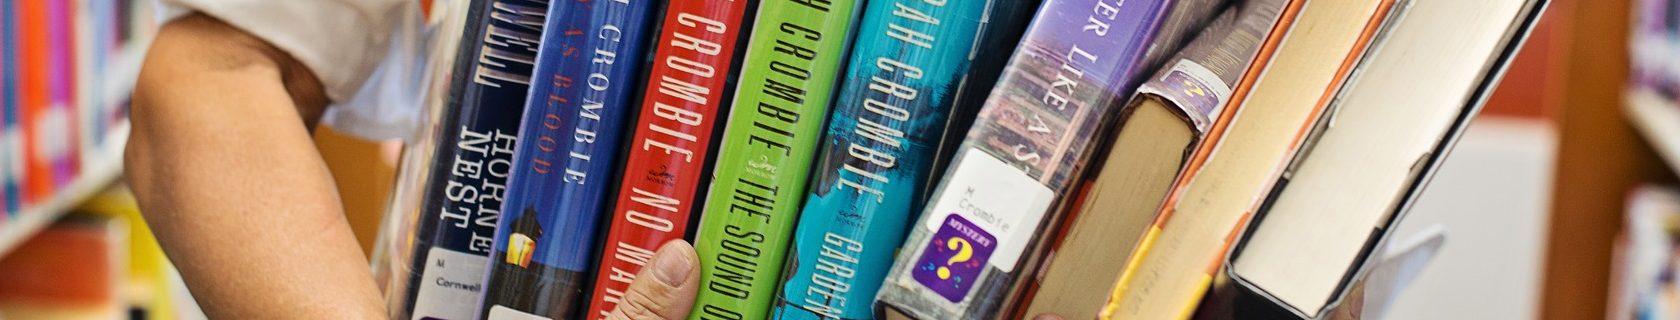 Bücher für die Magisterarbeit